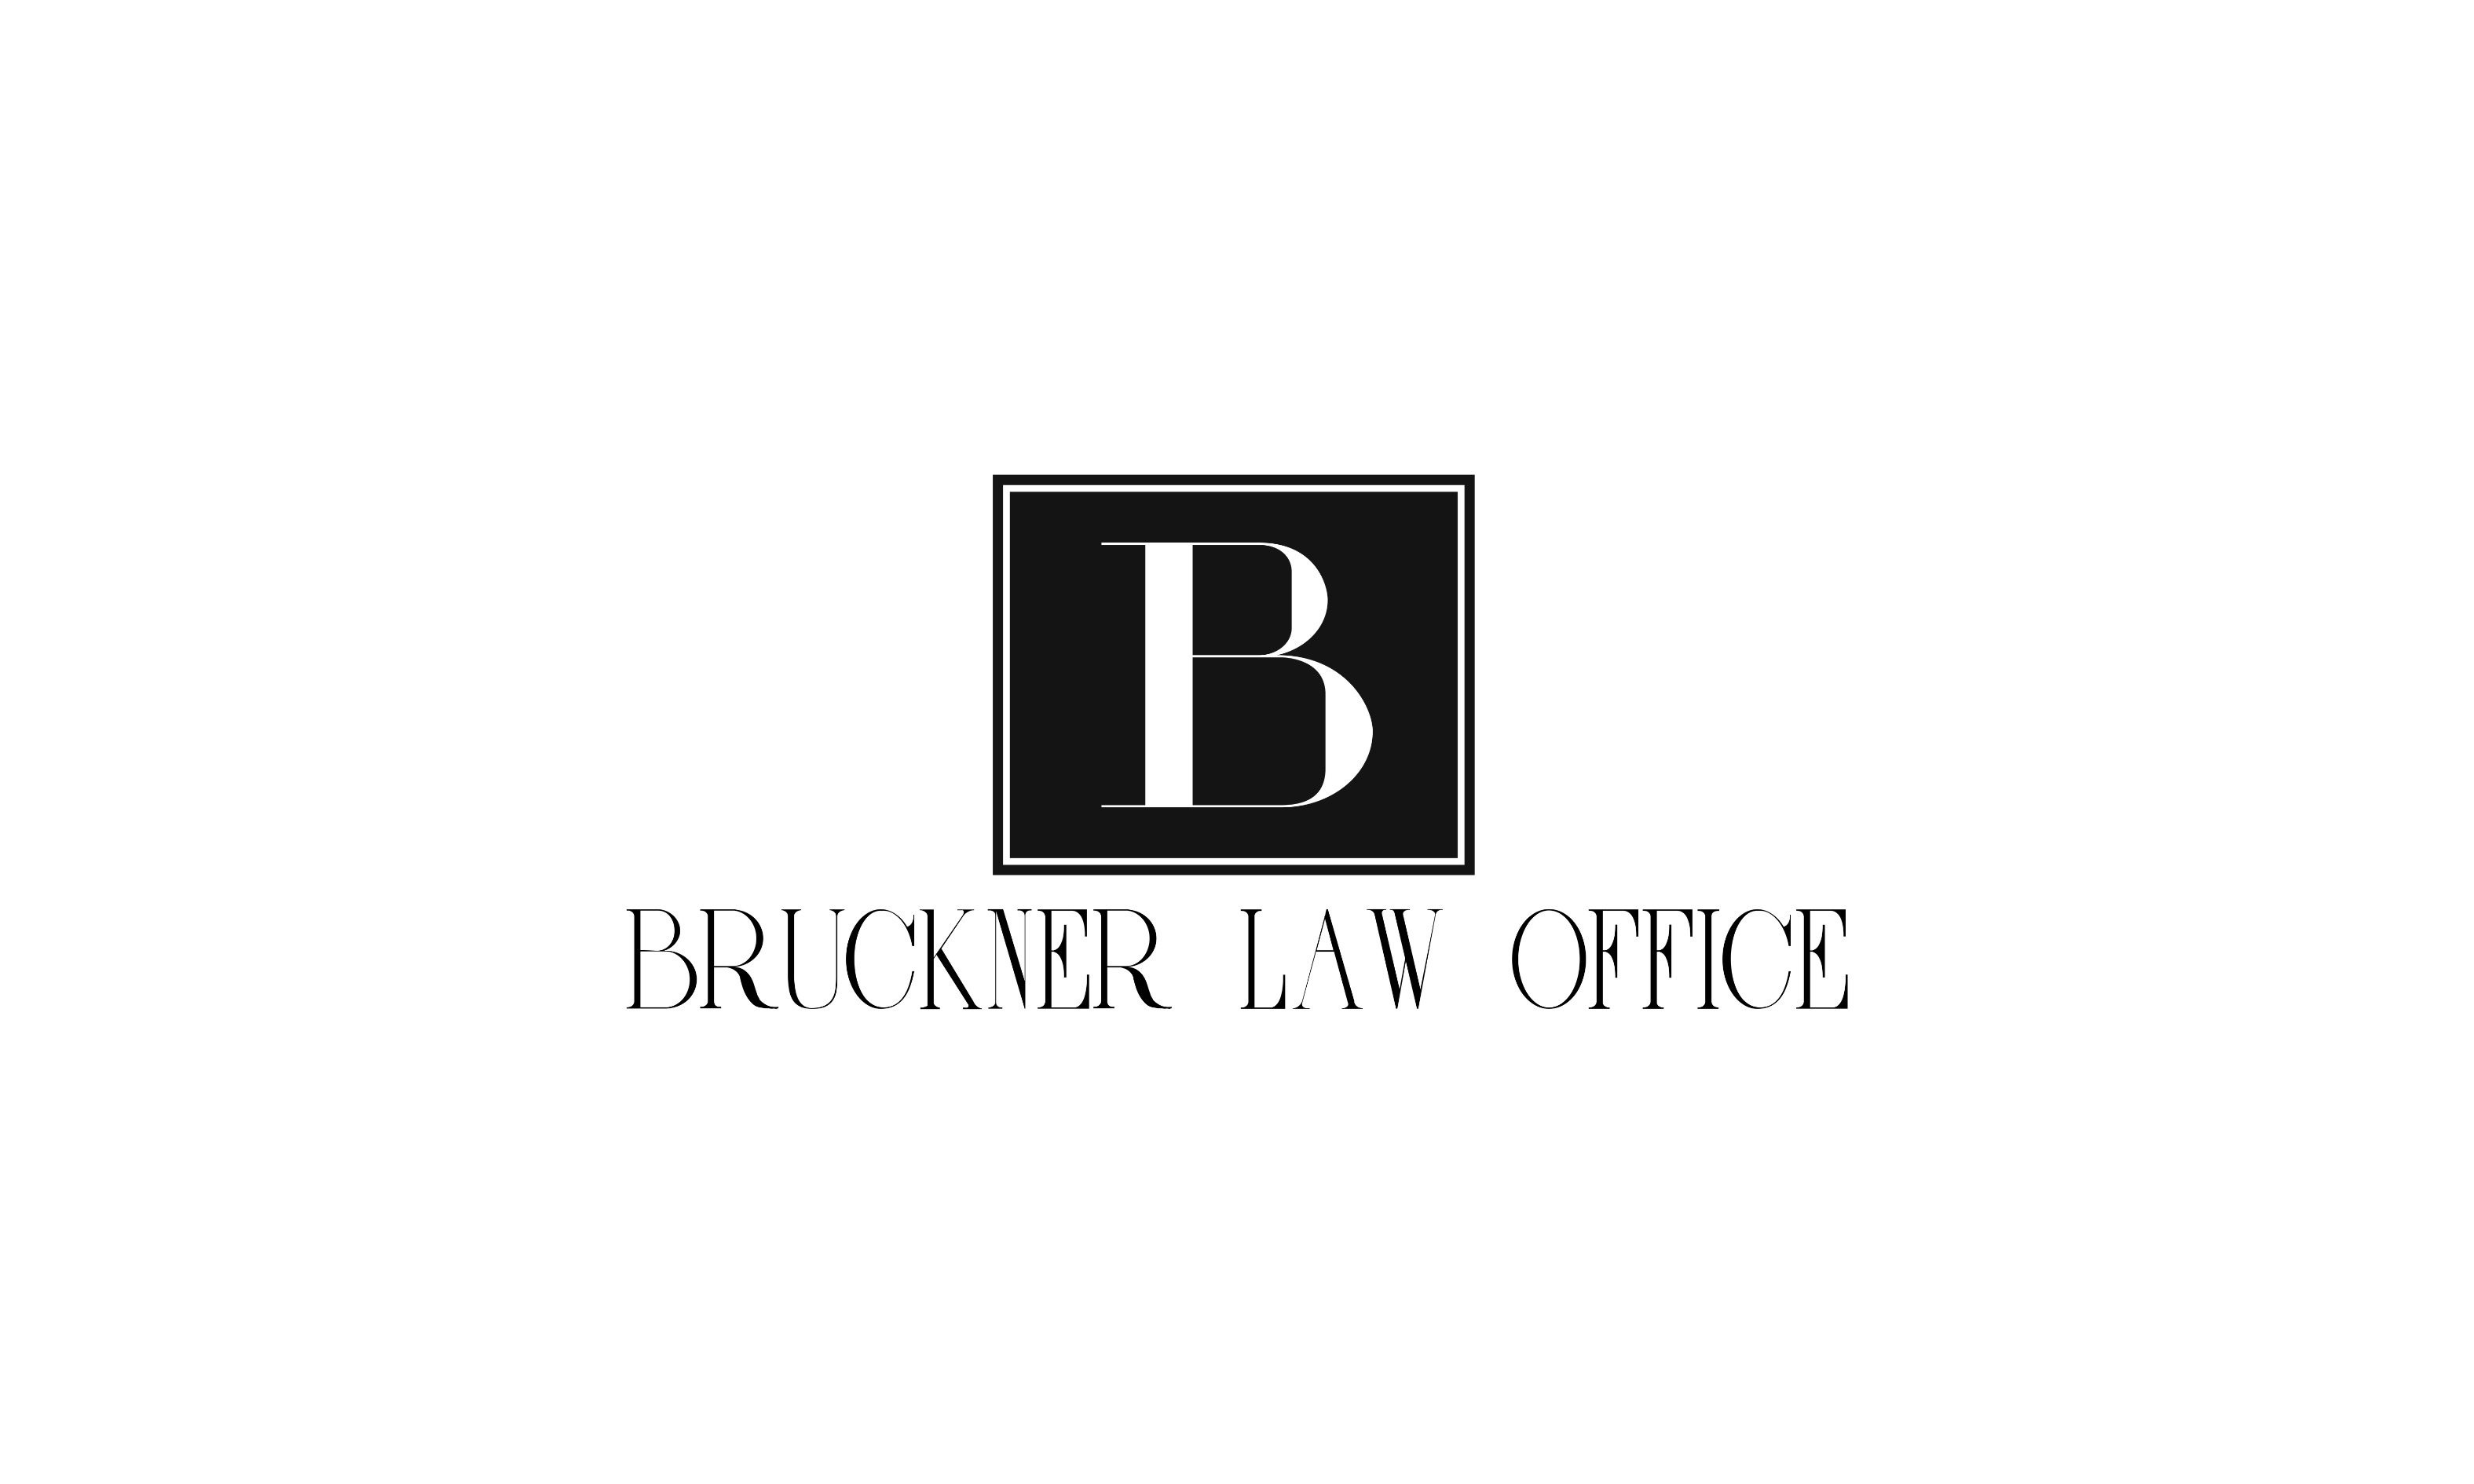 Bruckner Law Office LLC